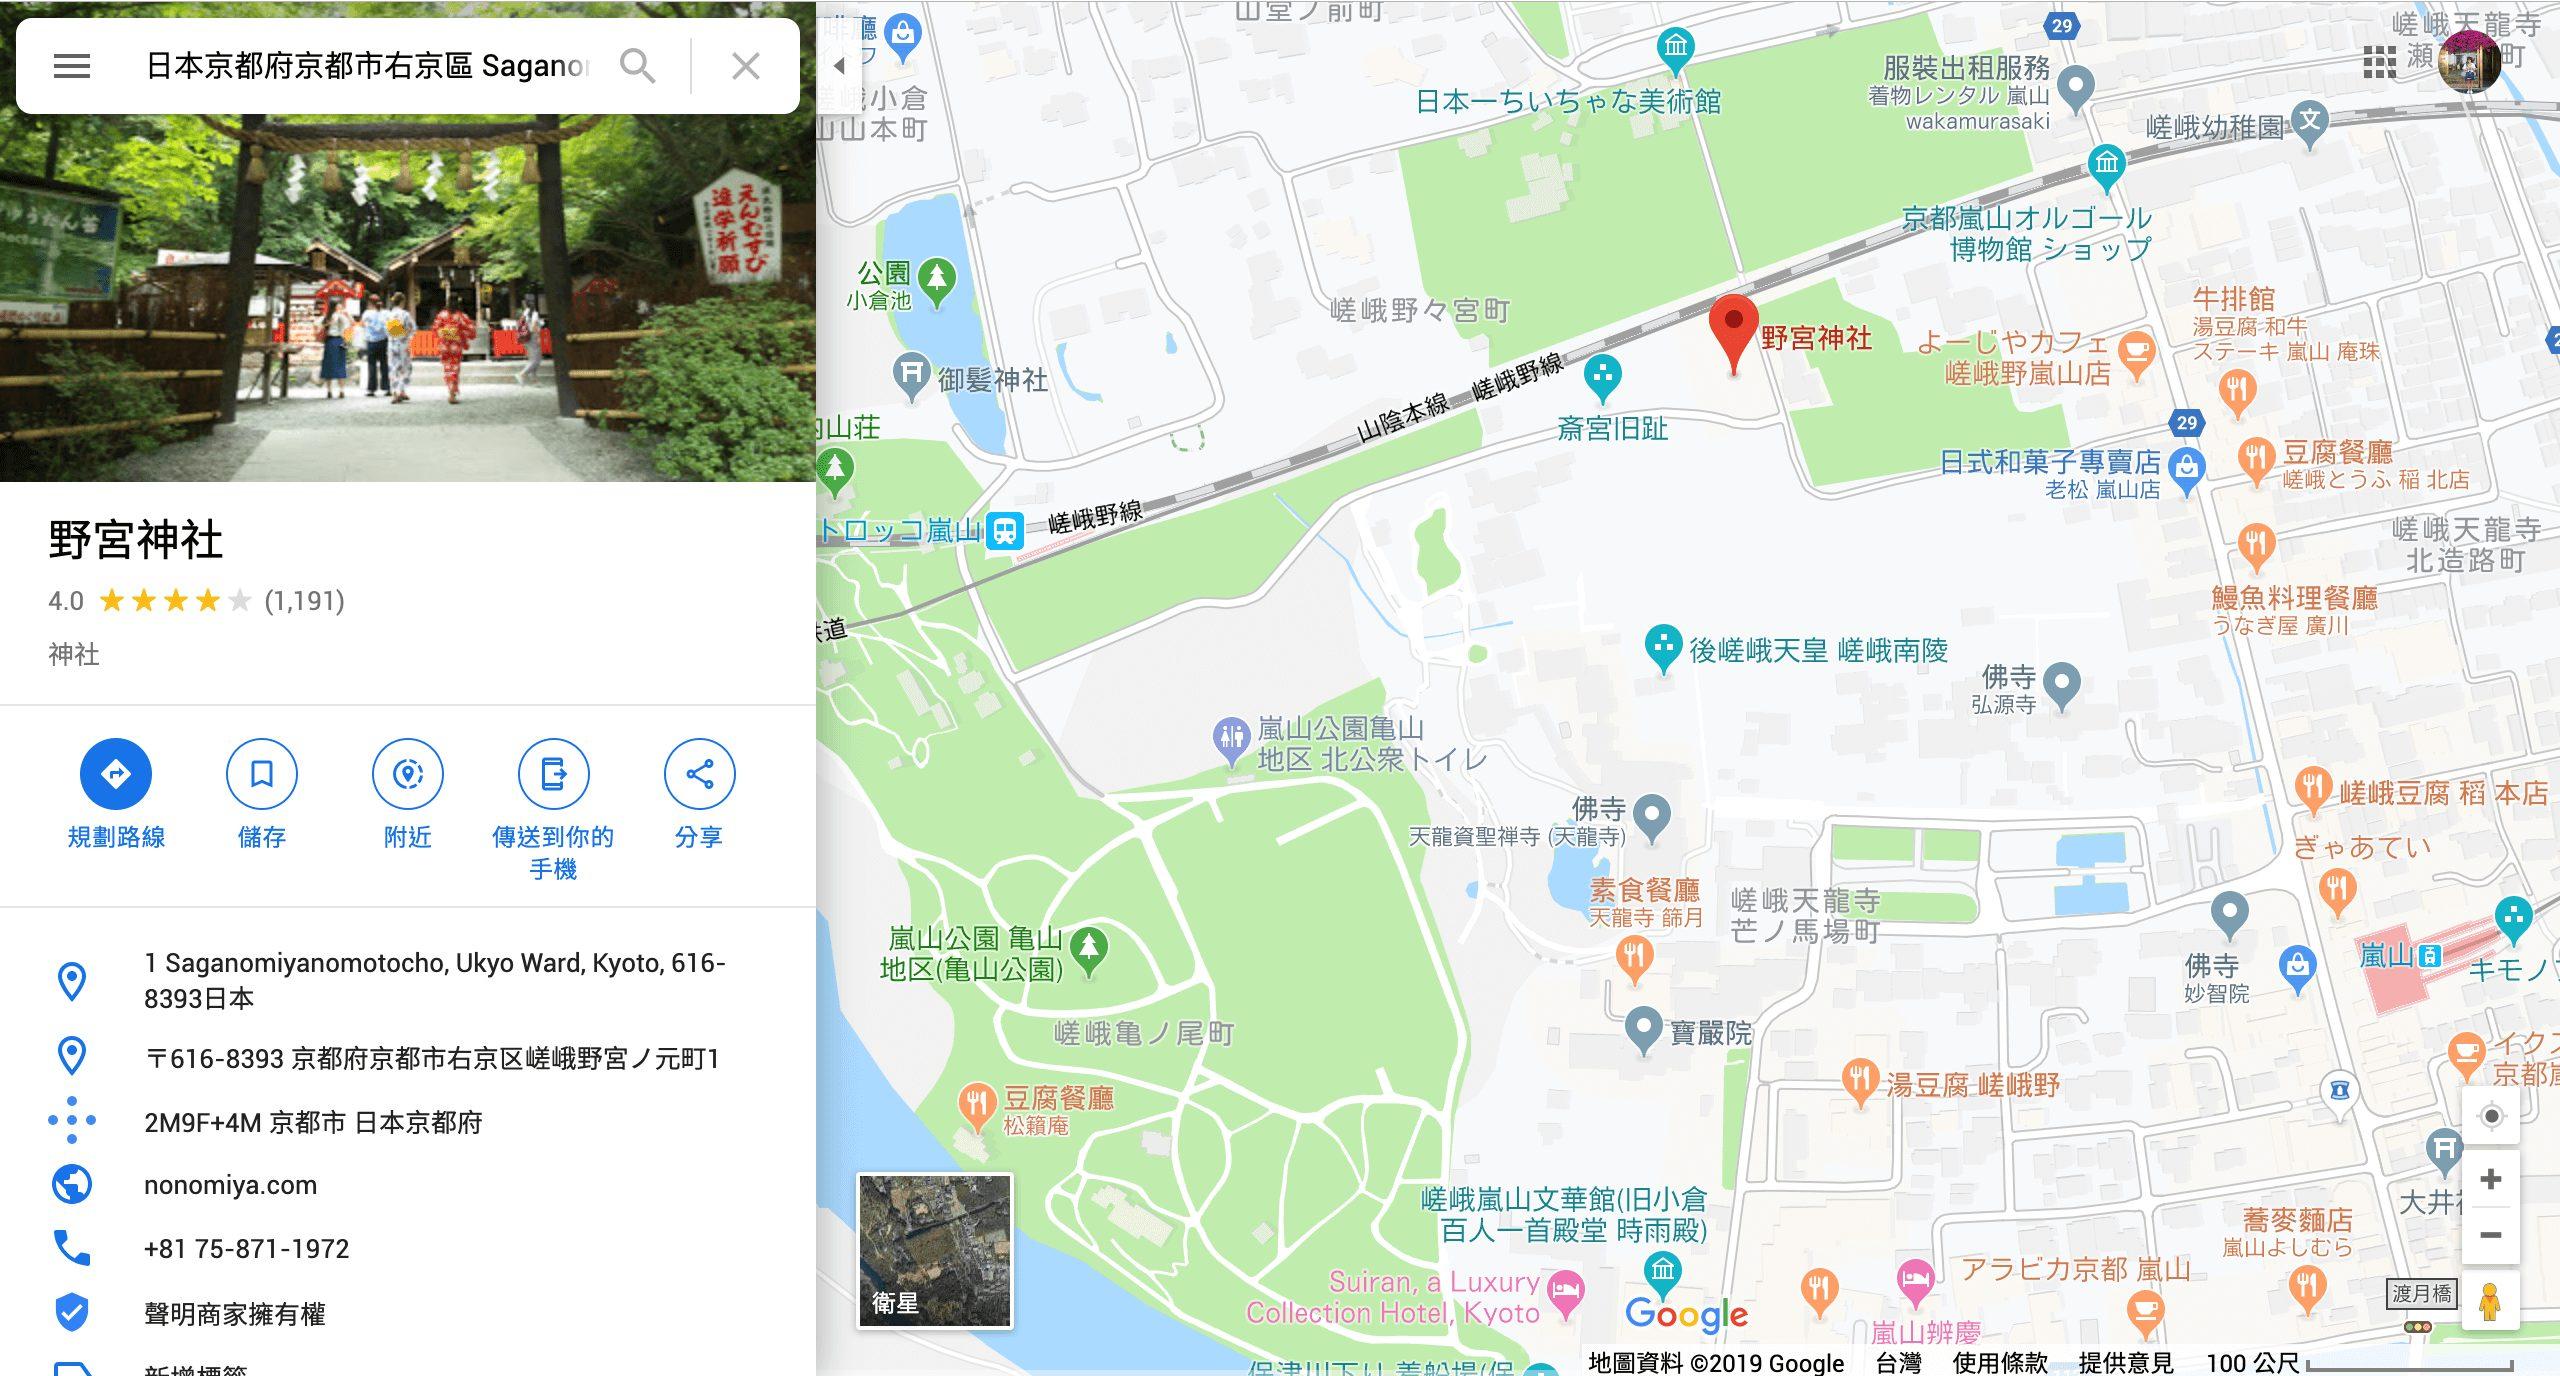 野宮神社地圖